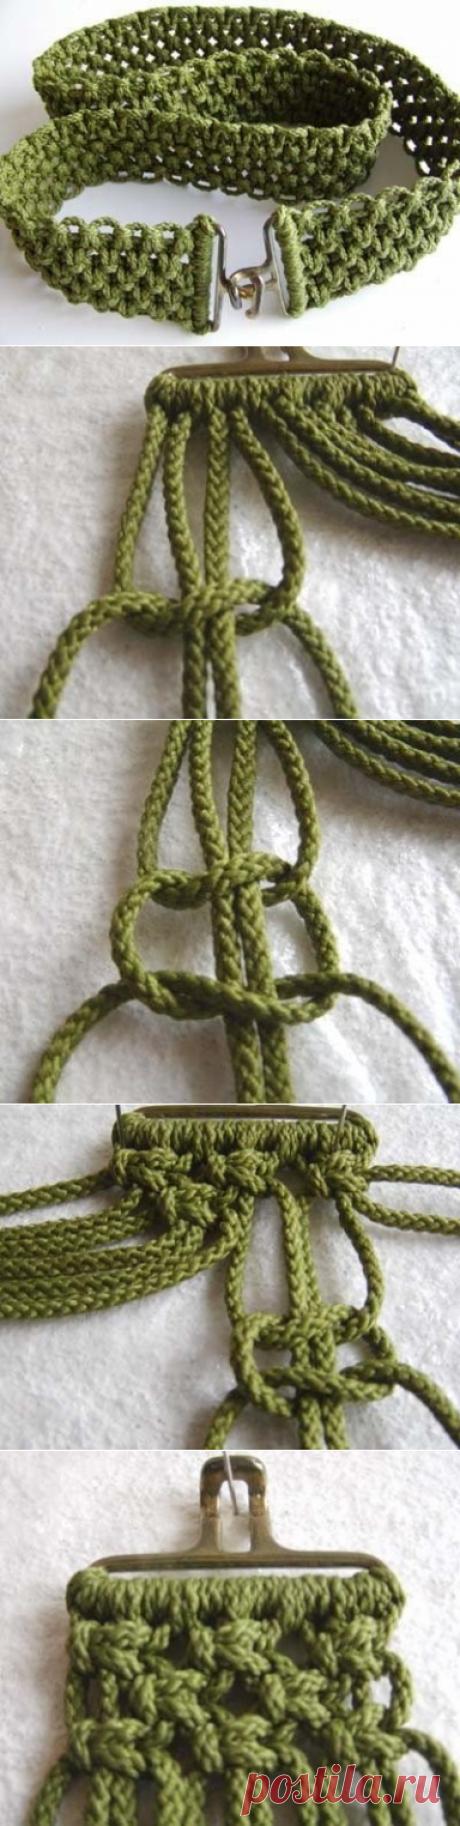 Пояс в технике макраме: схема плетения своими руками